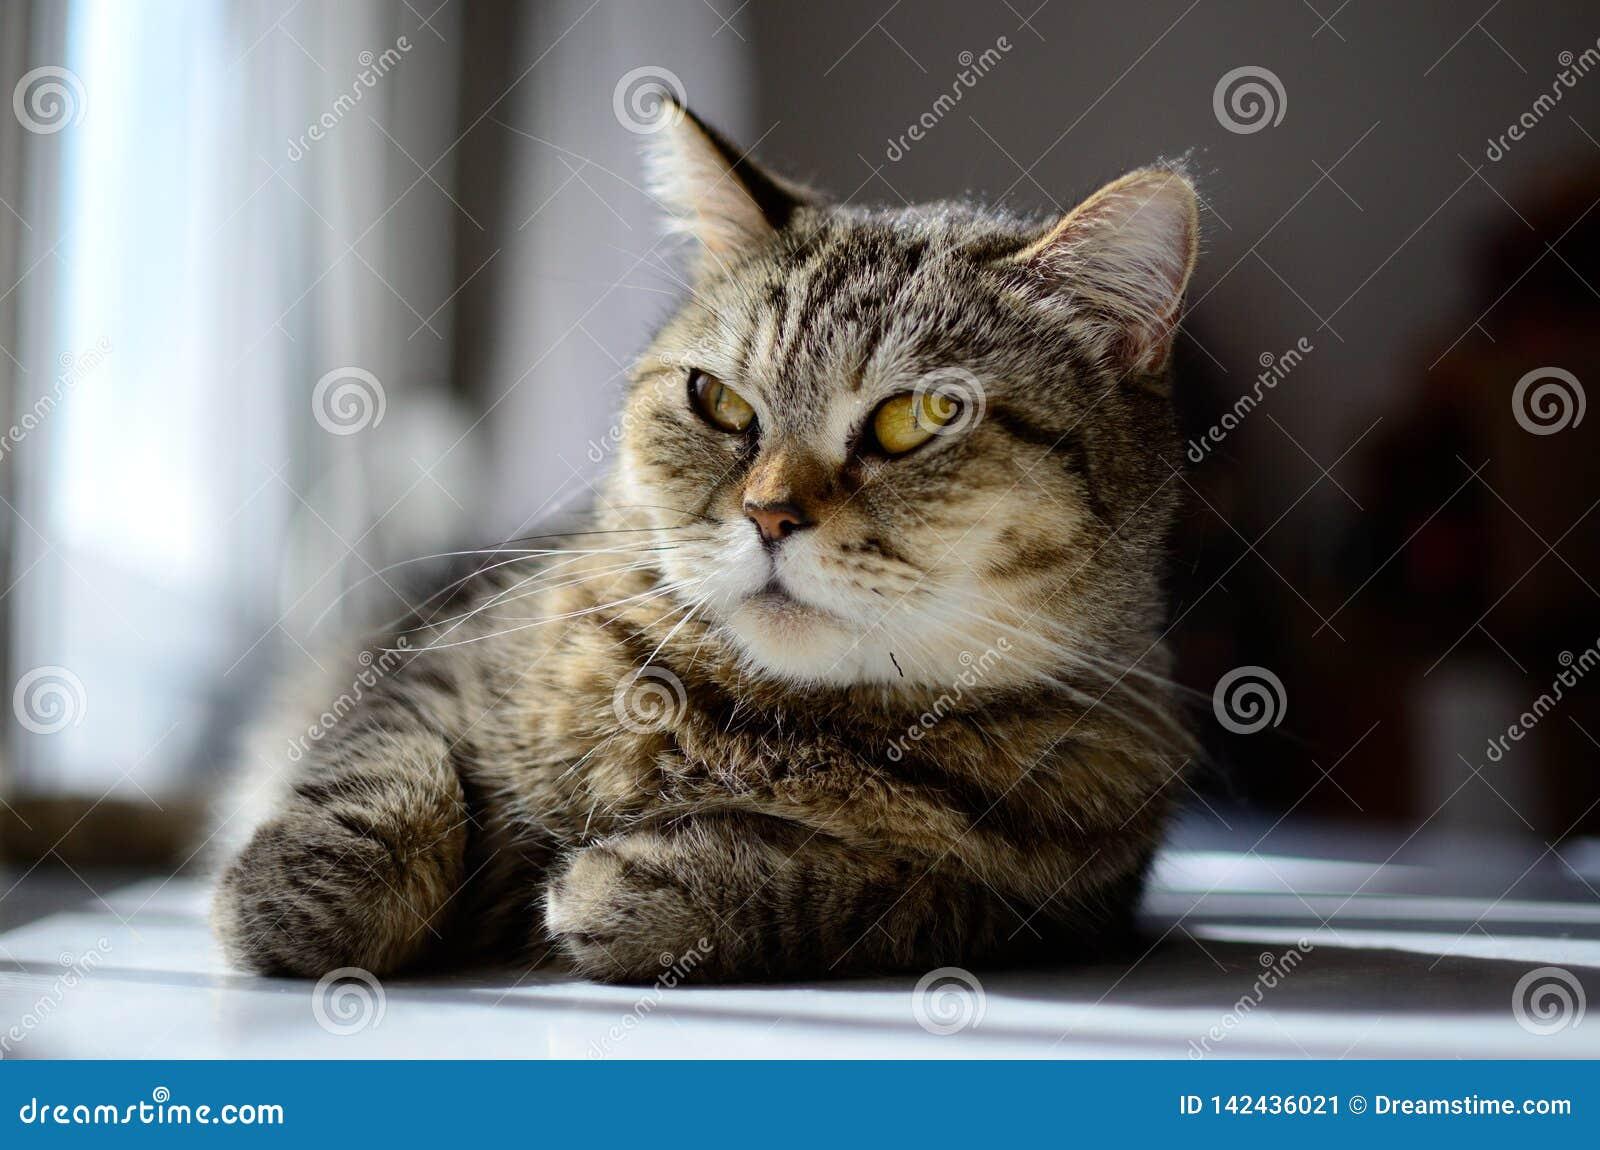 Susi Q relaxing cat